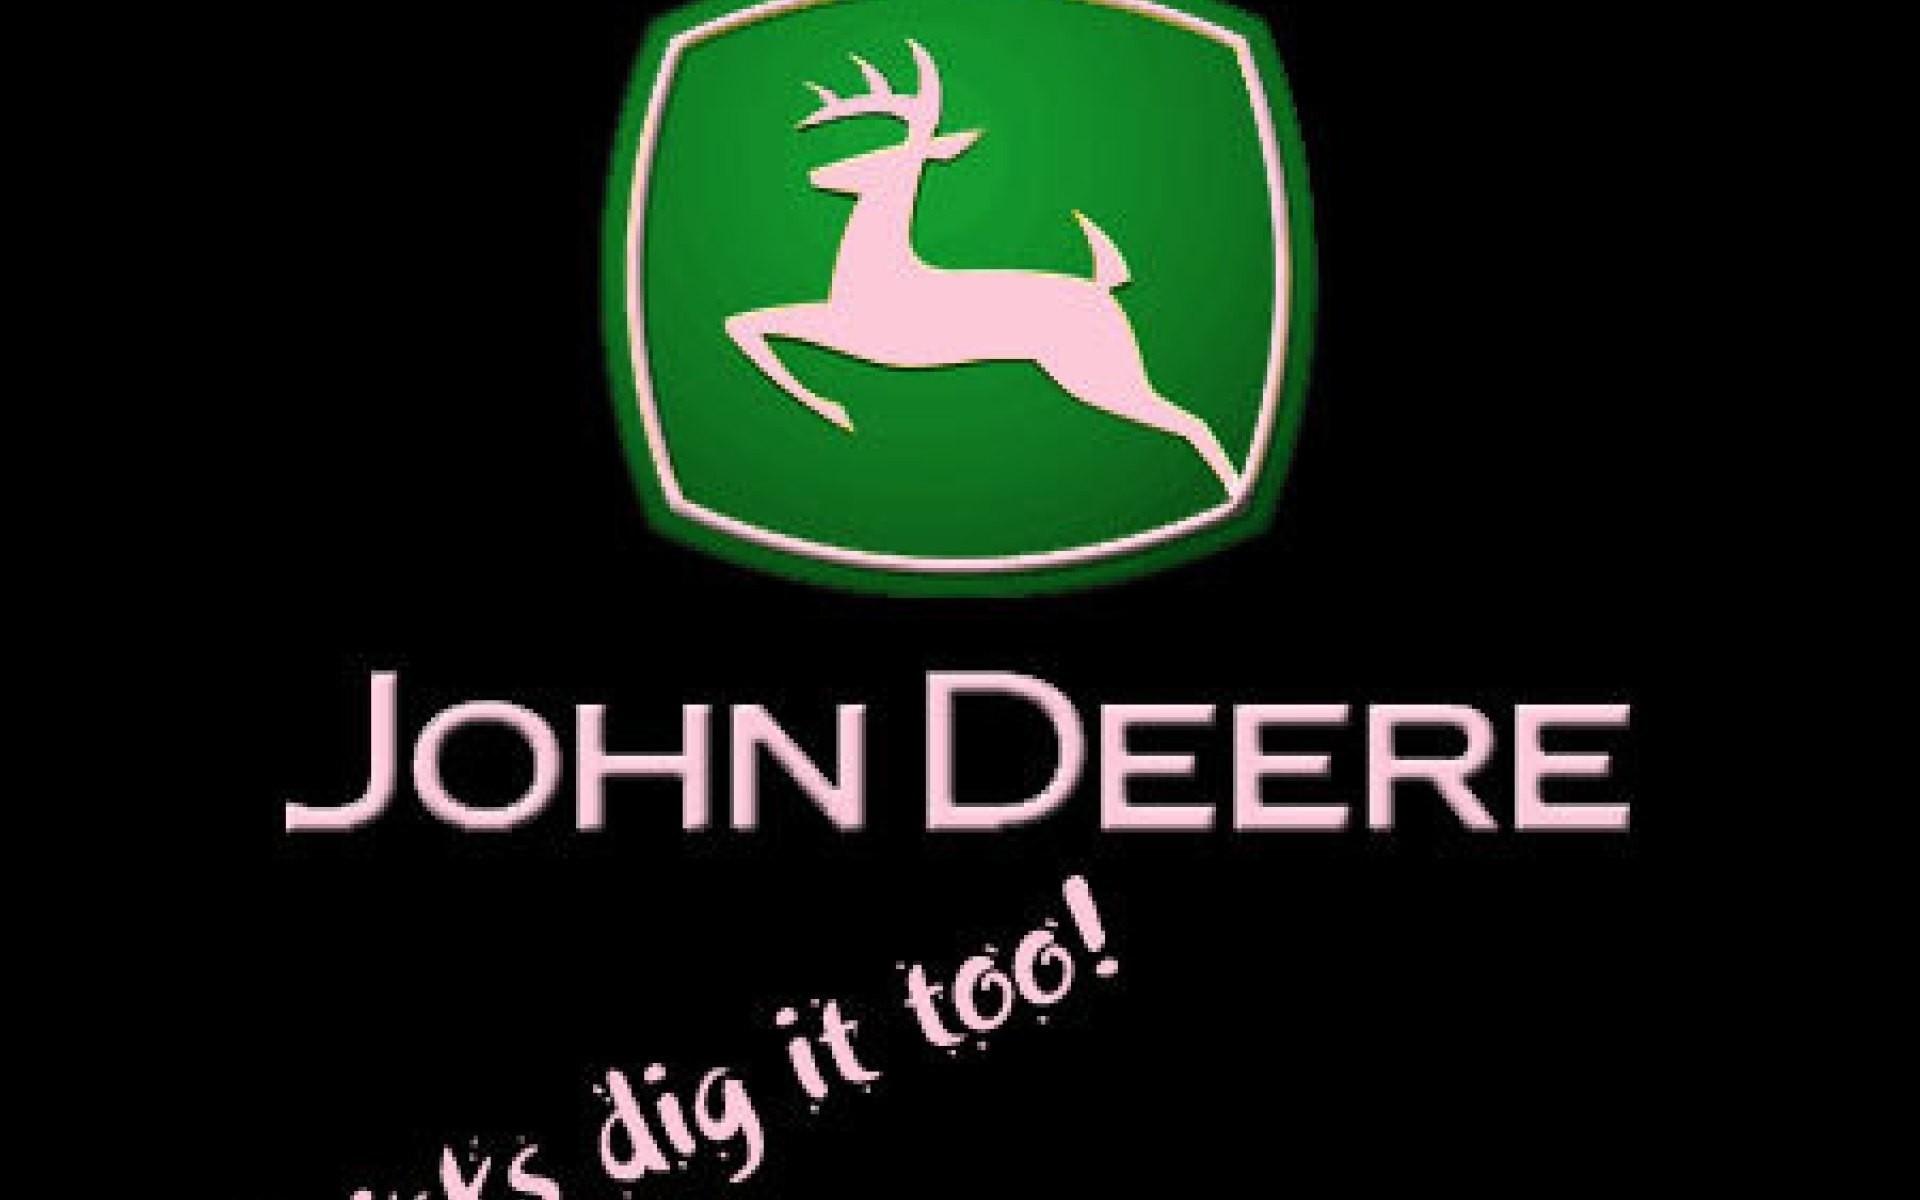 3d Superhero Wallpaper For Android John Deere Logo Wallpaper 58 Images